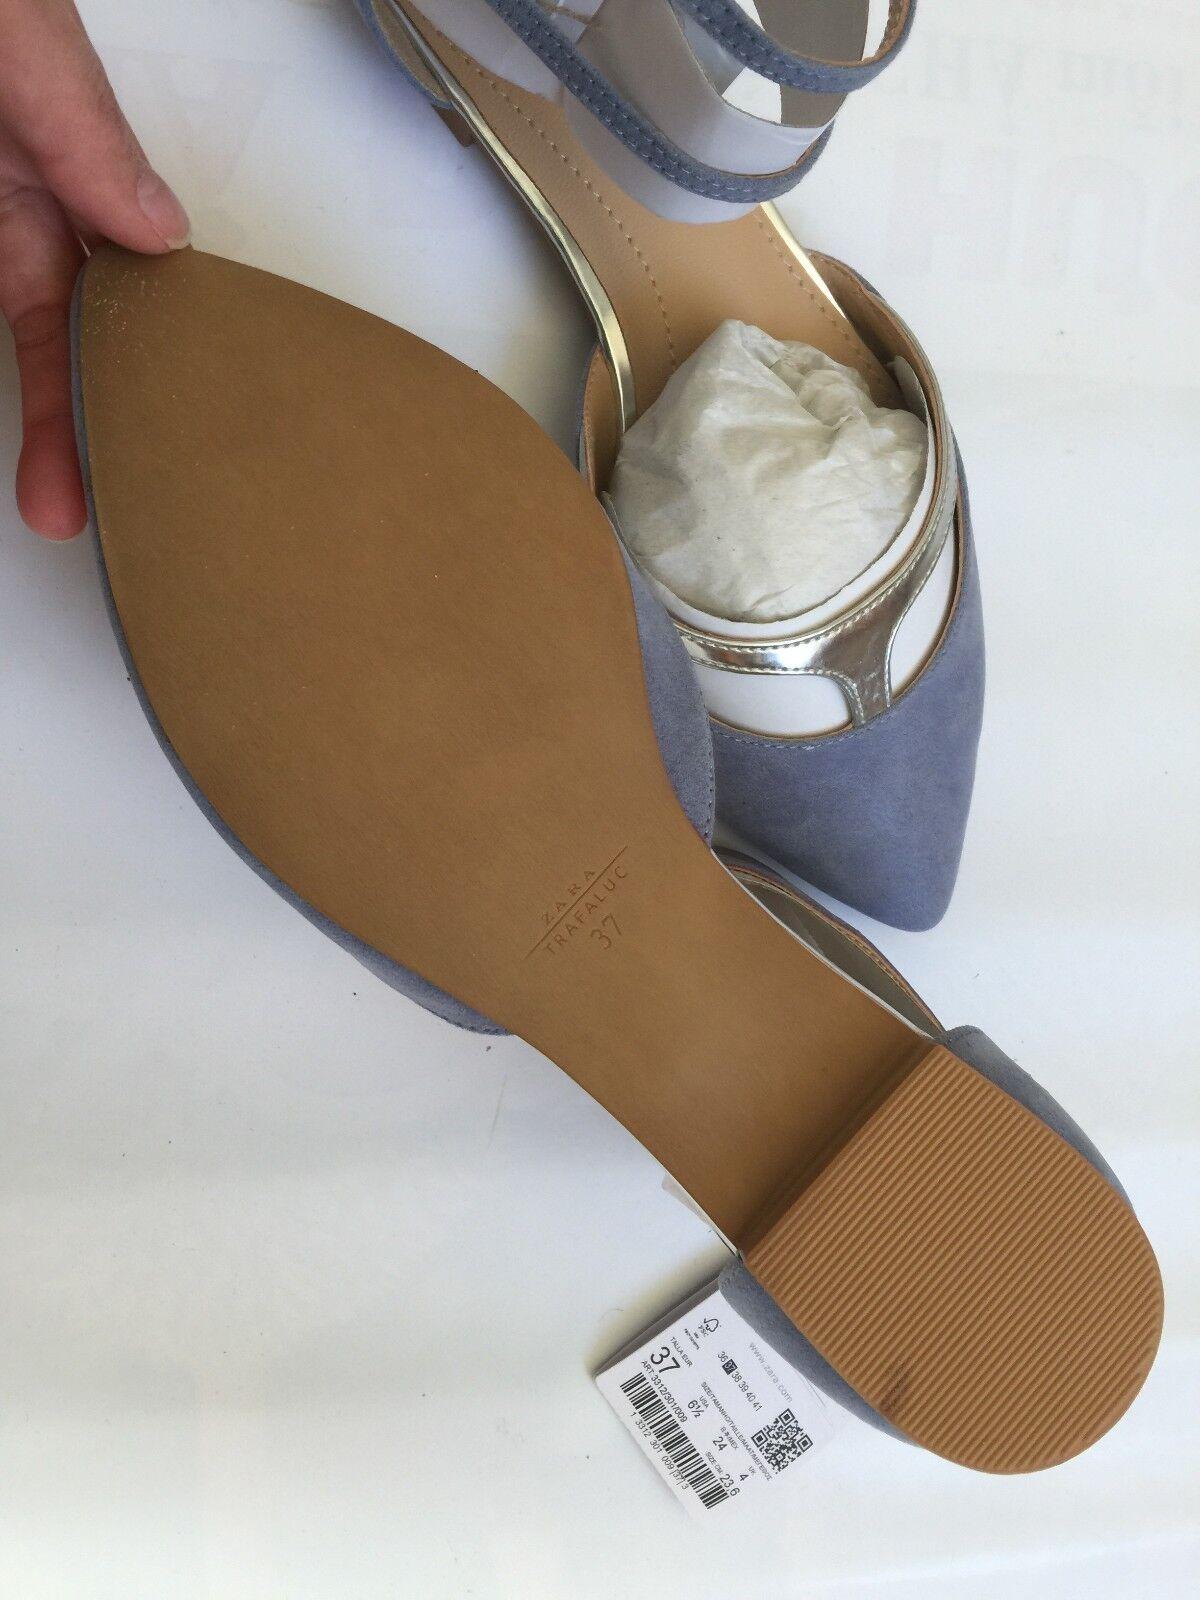 Zara Pointy - Flats with Ankle Straps - Pointy Größe 6.5/37 9b3e40